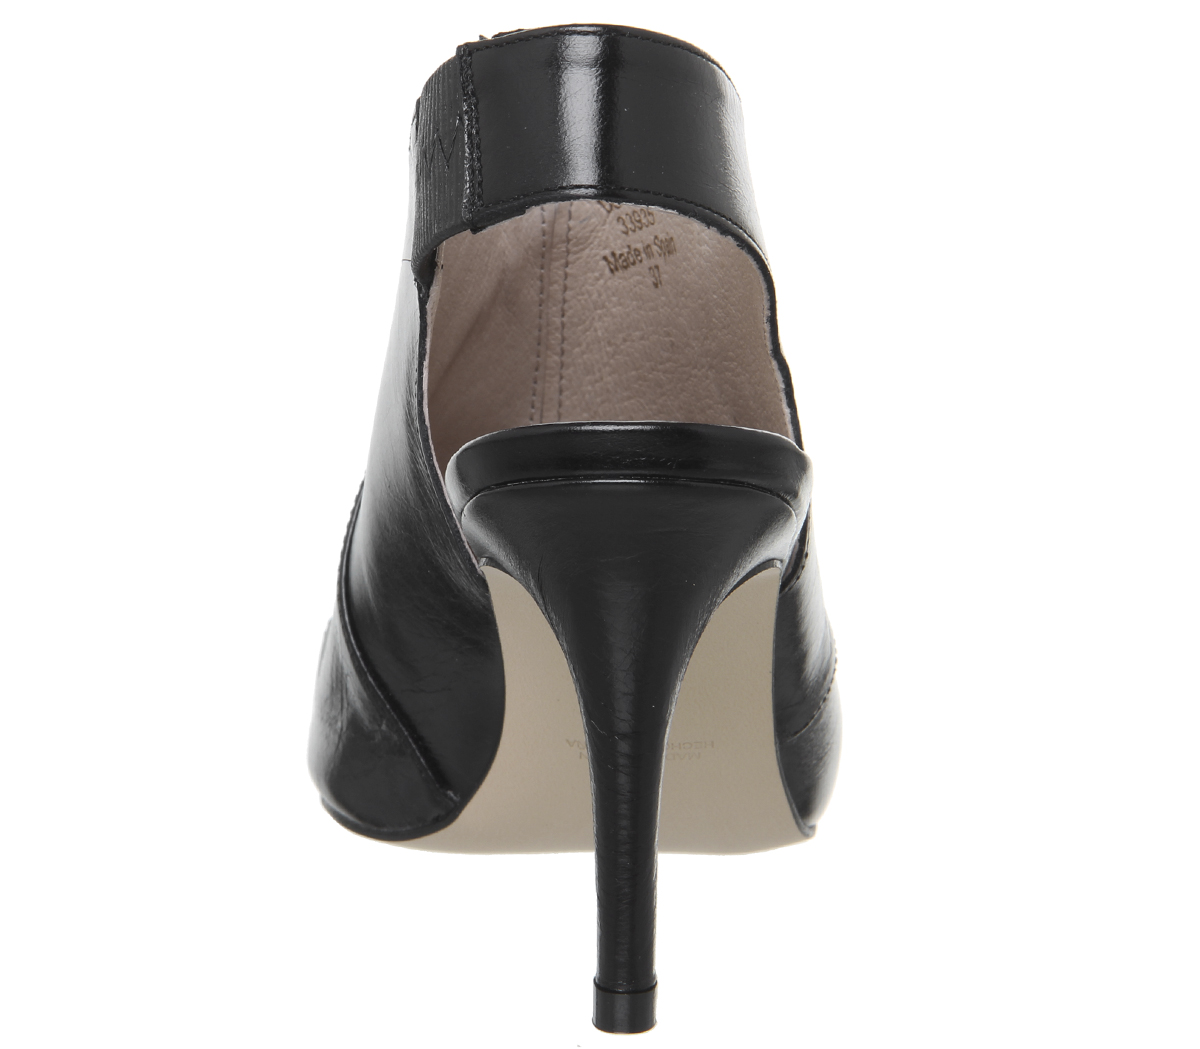 Strap Scarpe da Grouco nero con da donna ufficio tacco Scarpe Cross pelle Moon in Aq0YqR